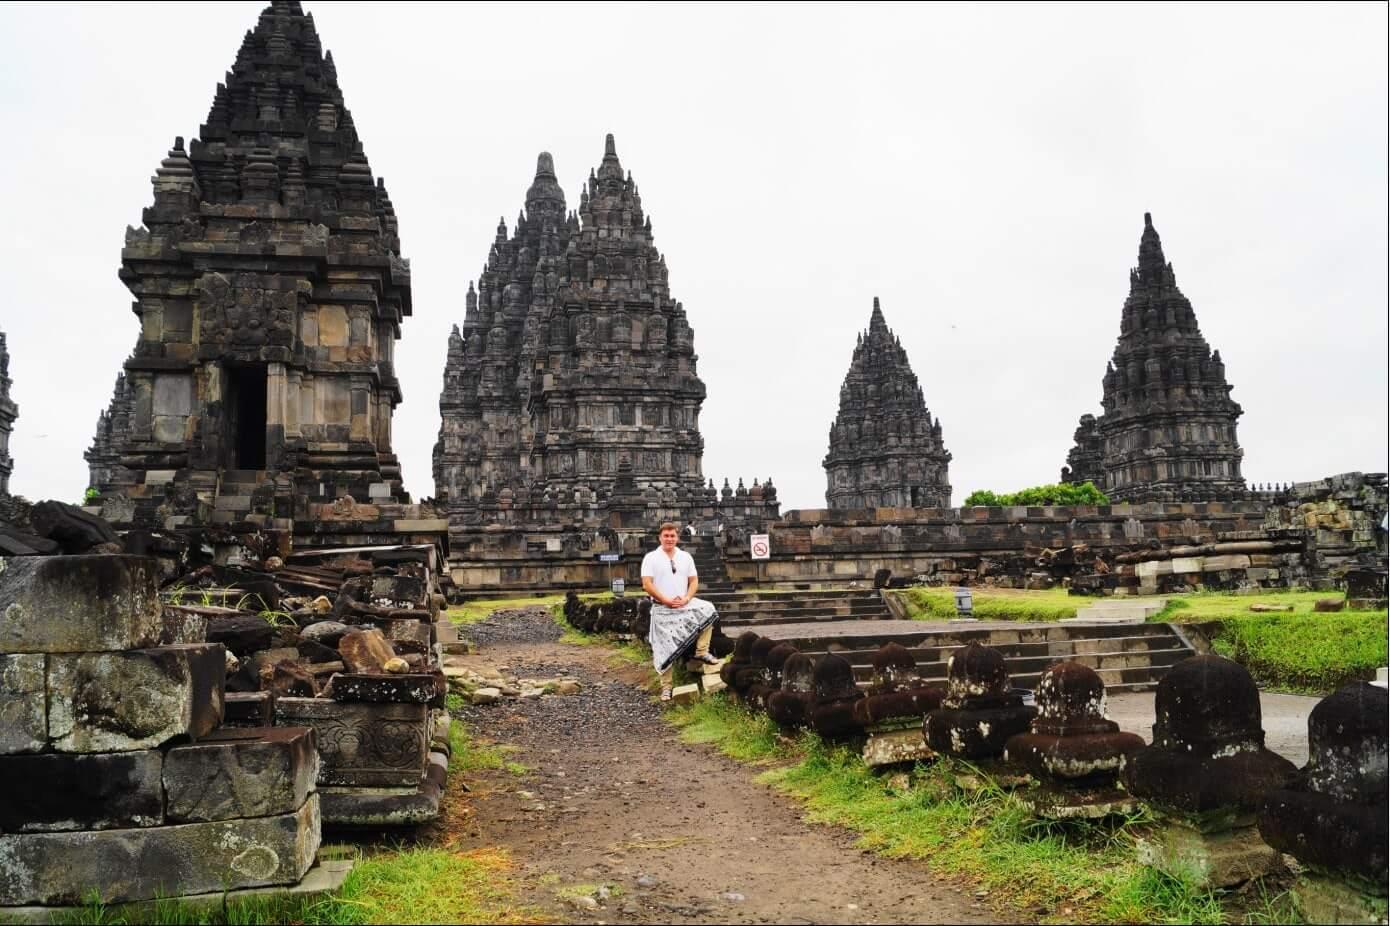 боробудур остров ява индонезия